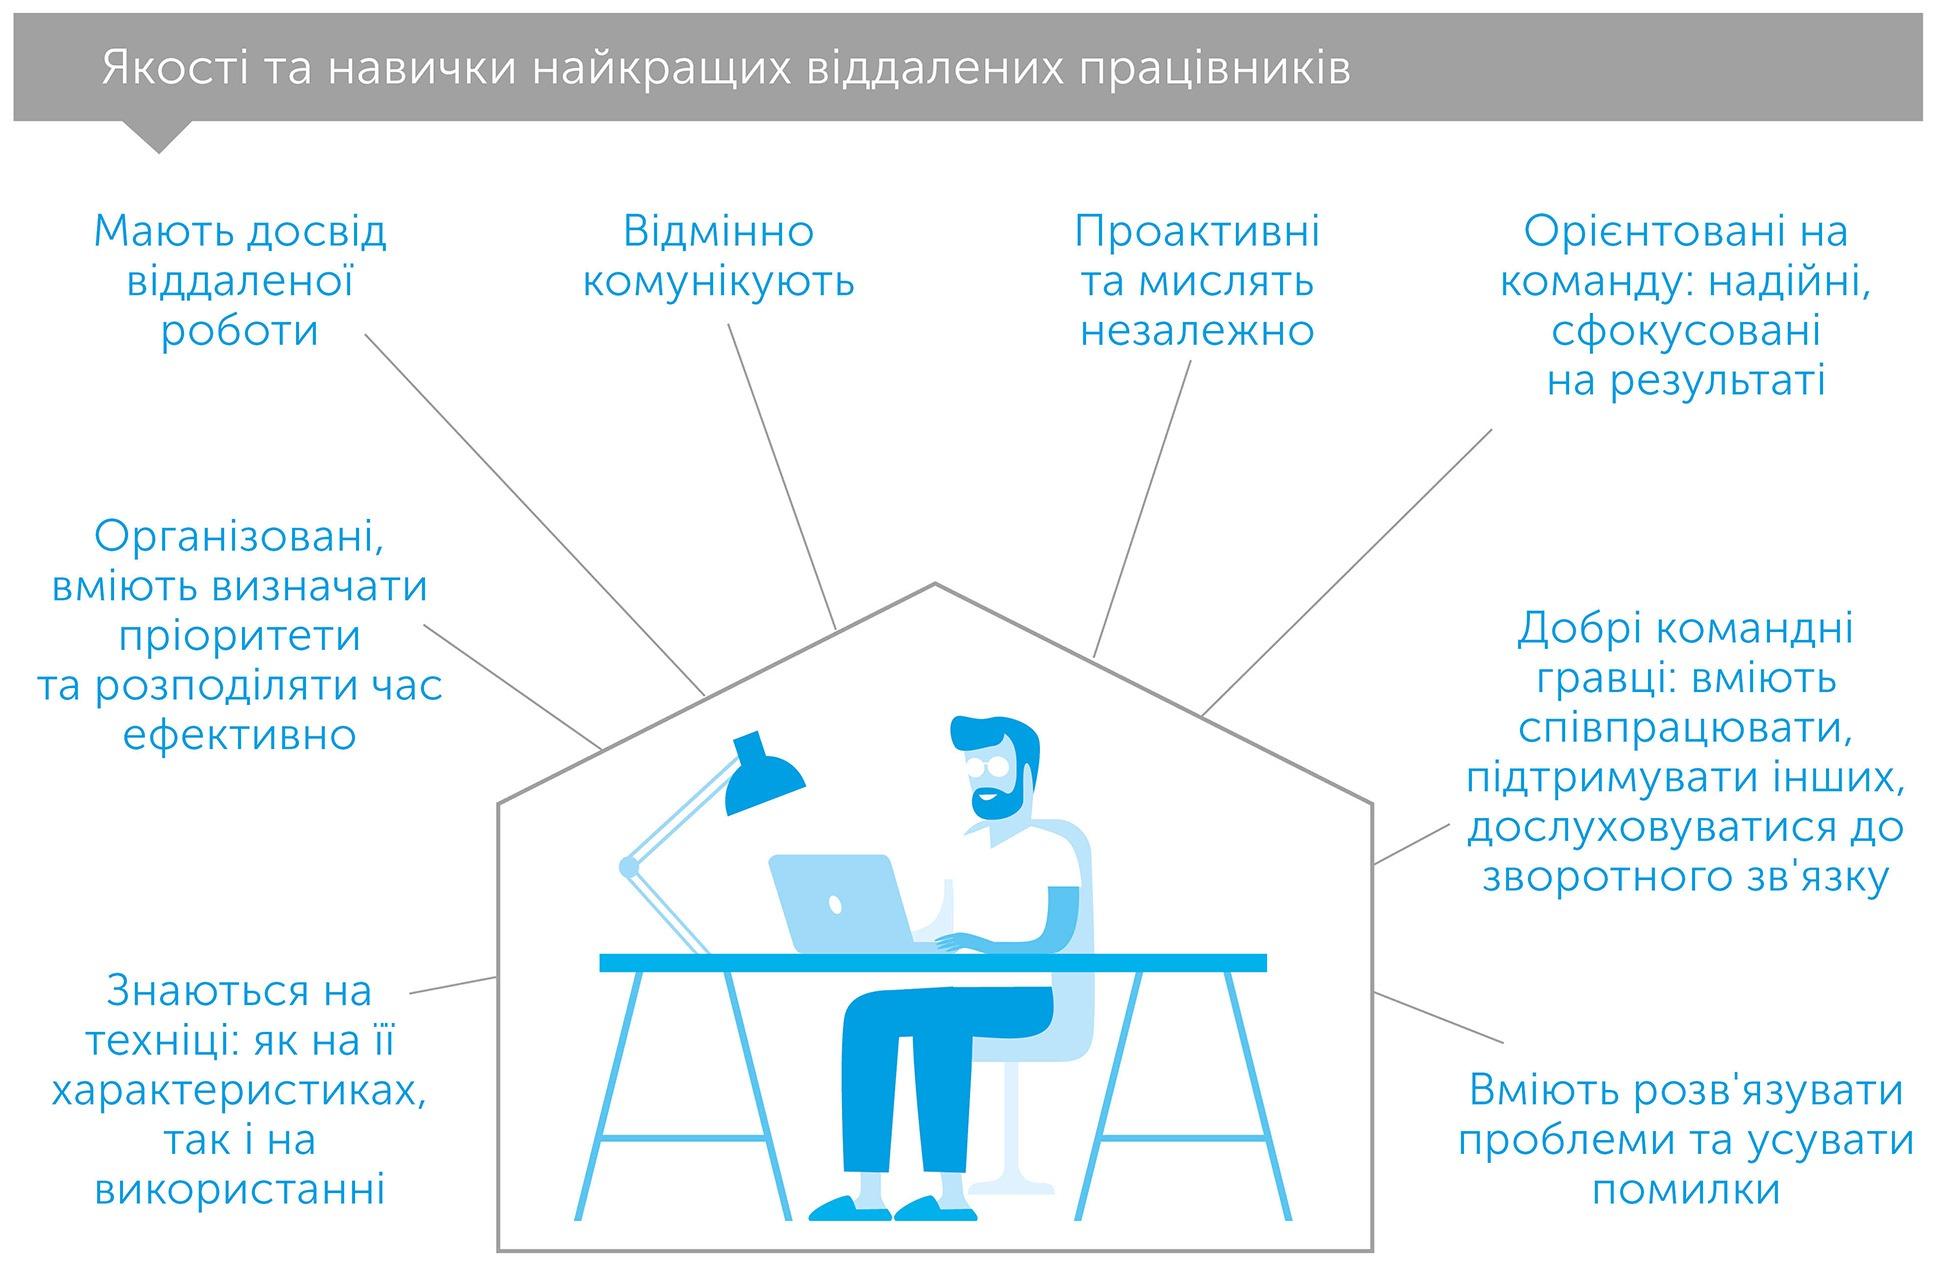 Разом і де завгодно. Інструкція з успішної віддаленої роботи для працівників, керівників і команд, автор Лізетт Сазерленд | Kyivstar Business Hub, зображення №3